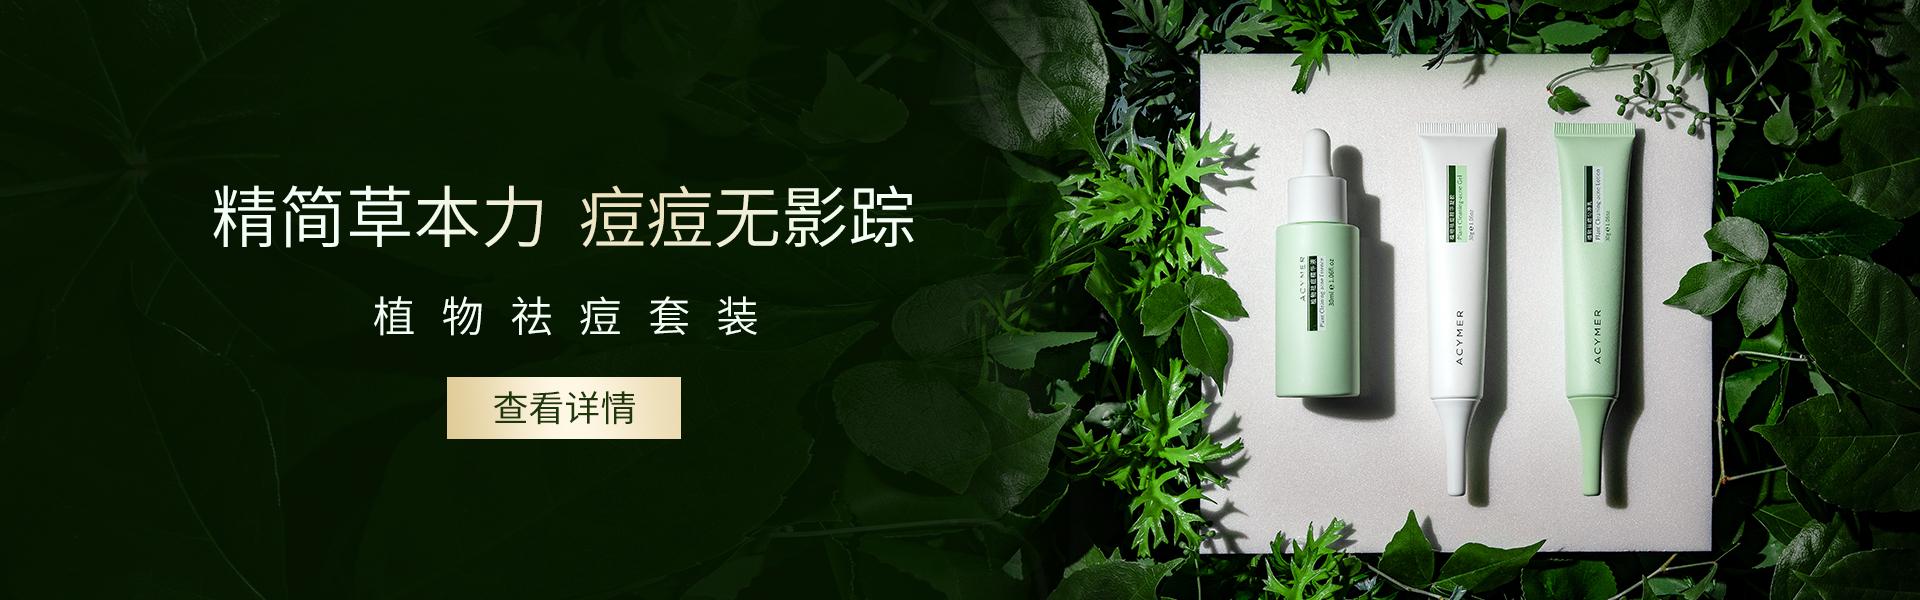 植物祛痘套装